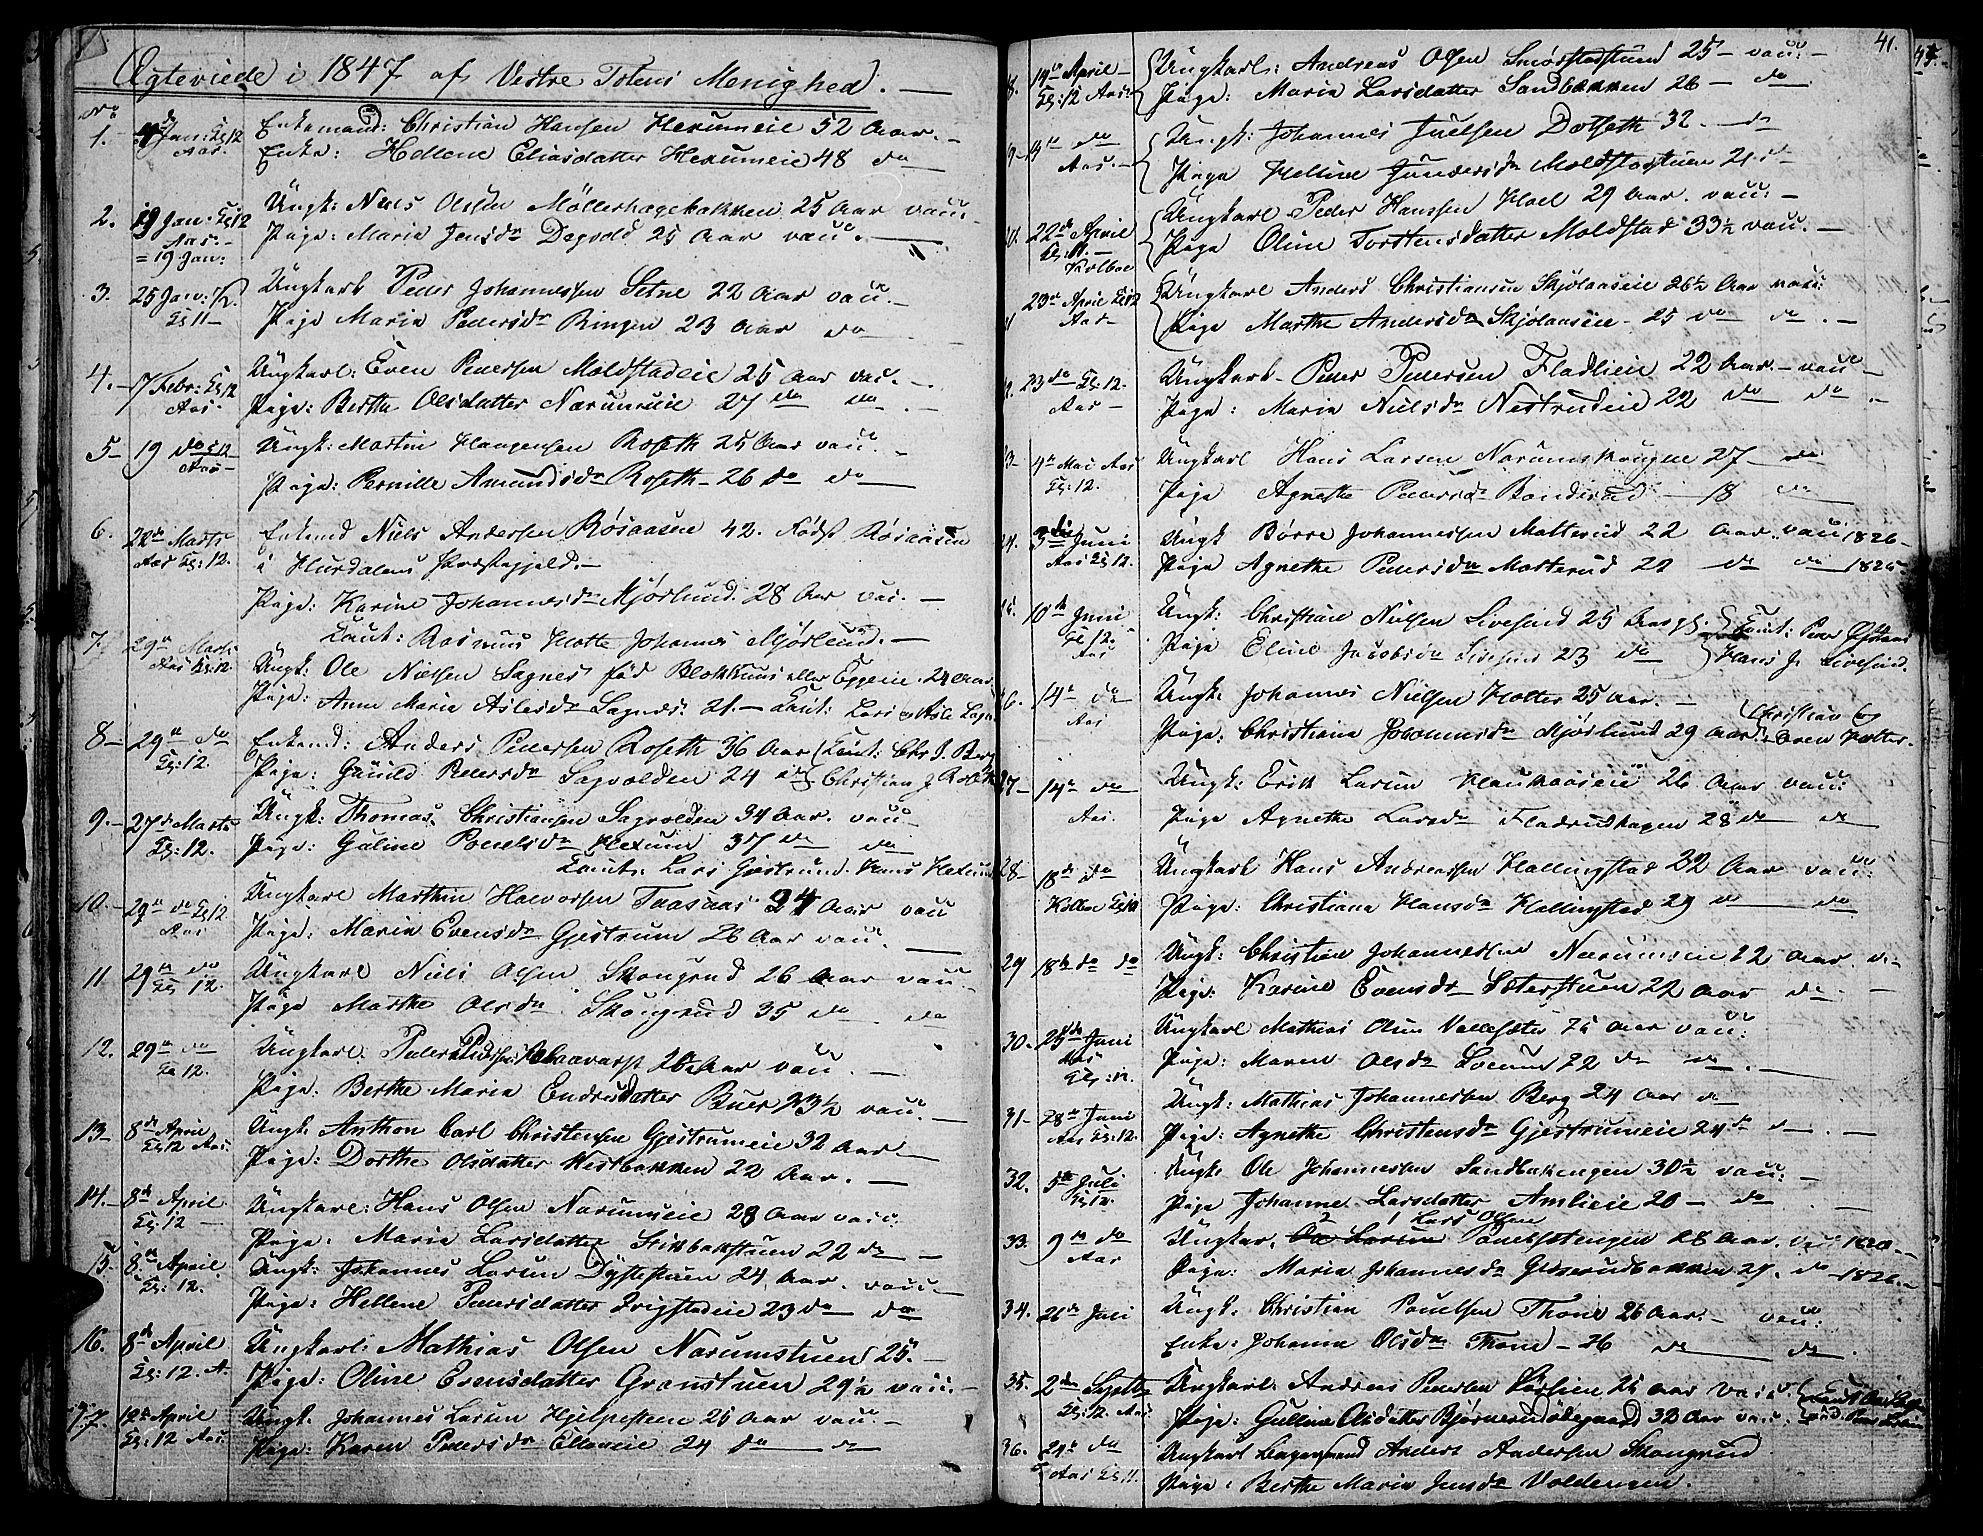 SAH, Vestre Toten prestekontor, H/Ha/Hab/L0003: Klokkerbok nr. 3, 1846-1854, s. 41